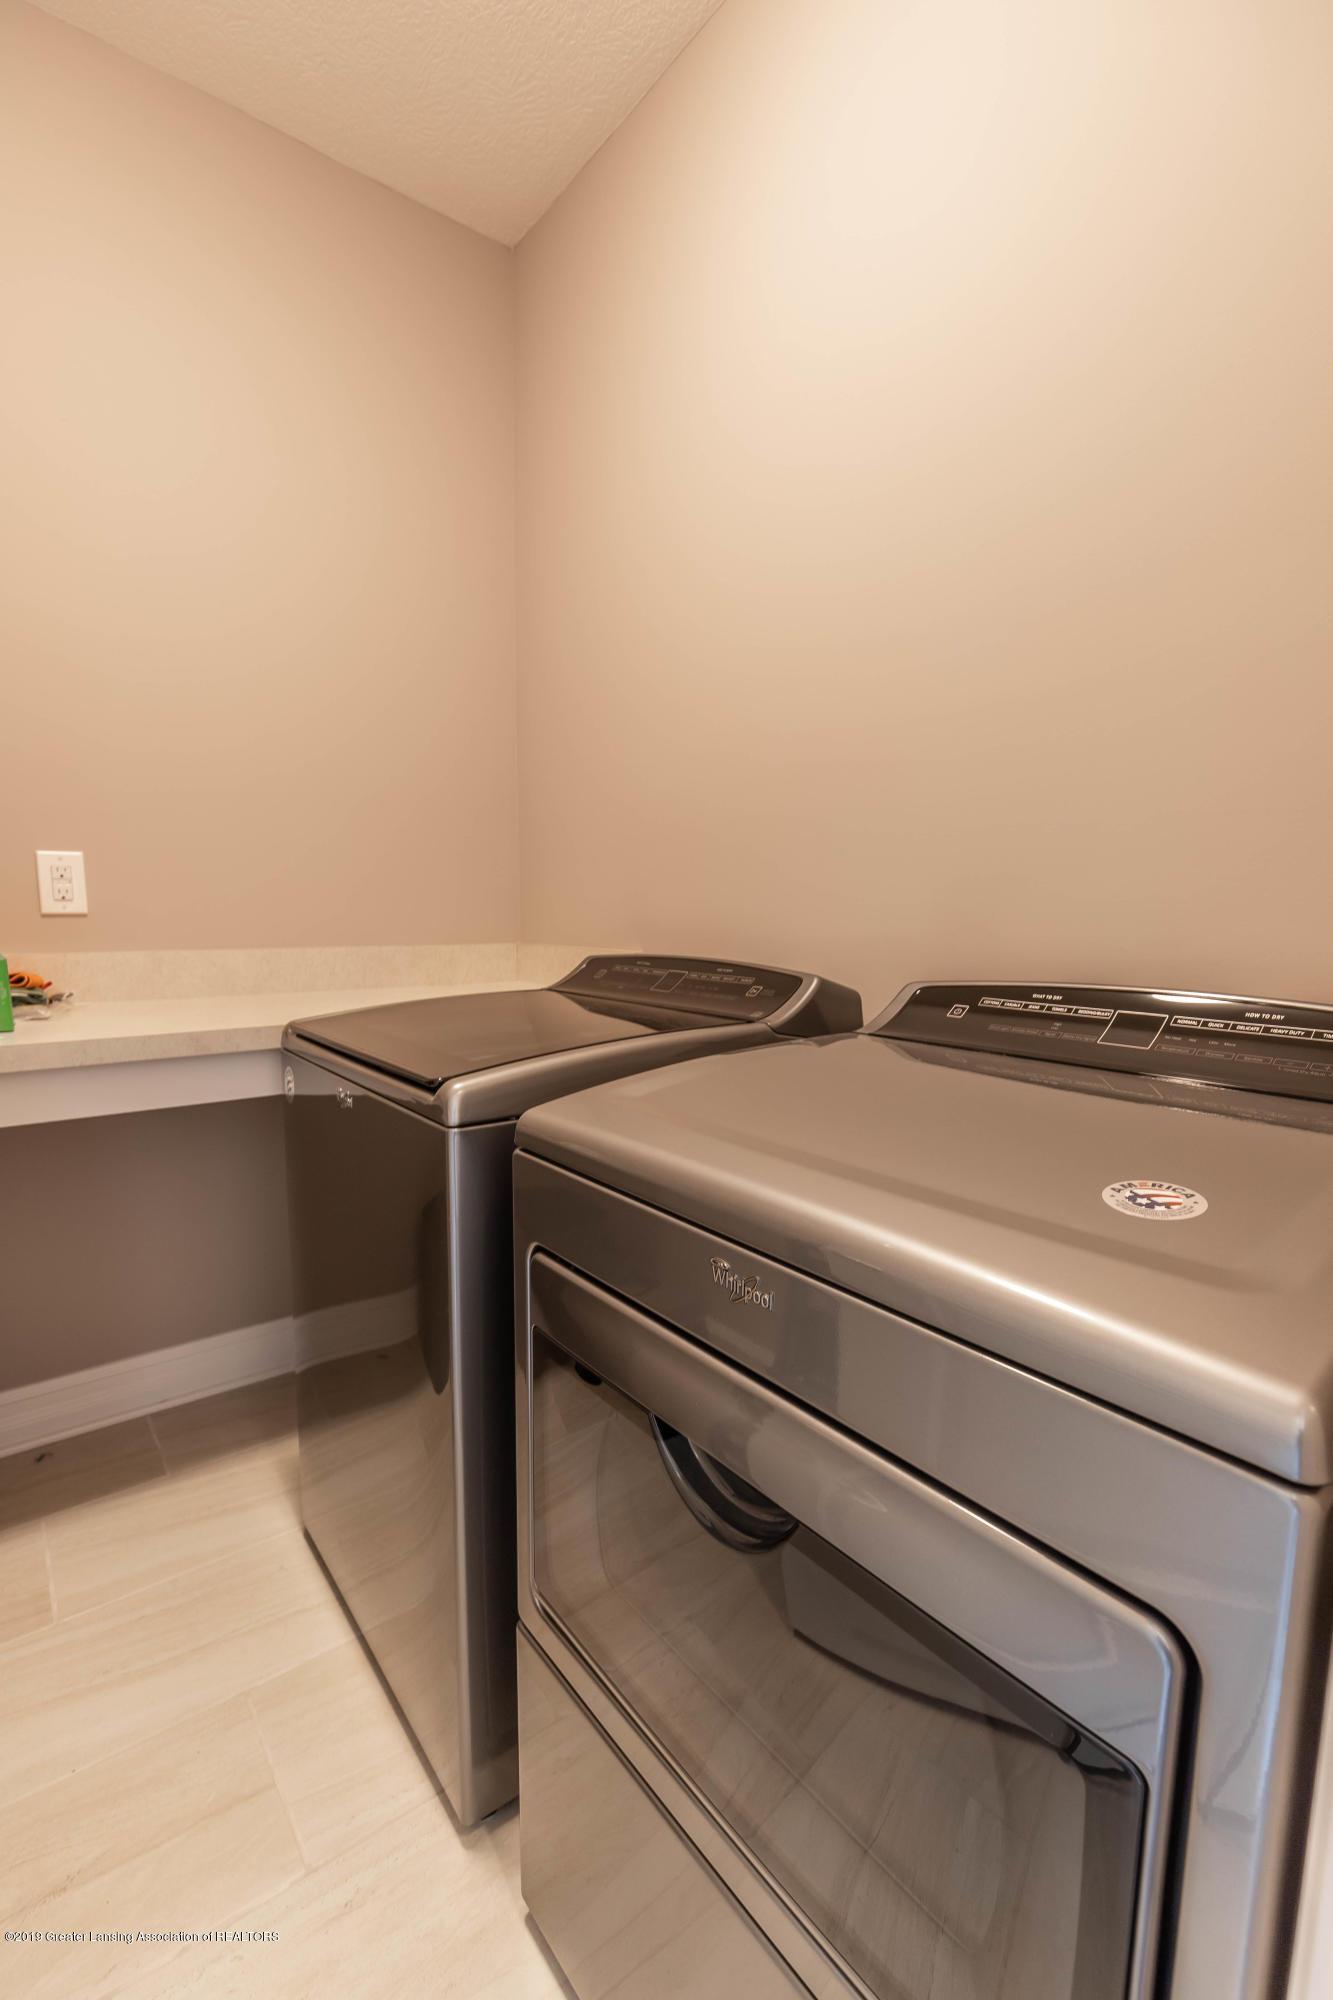 3843 Fossum Ln - Laundry Room - 32